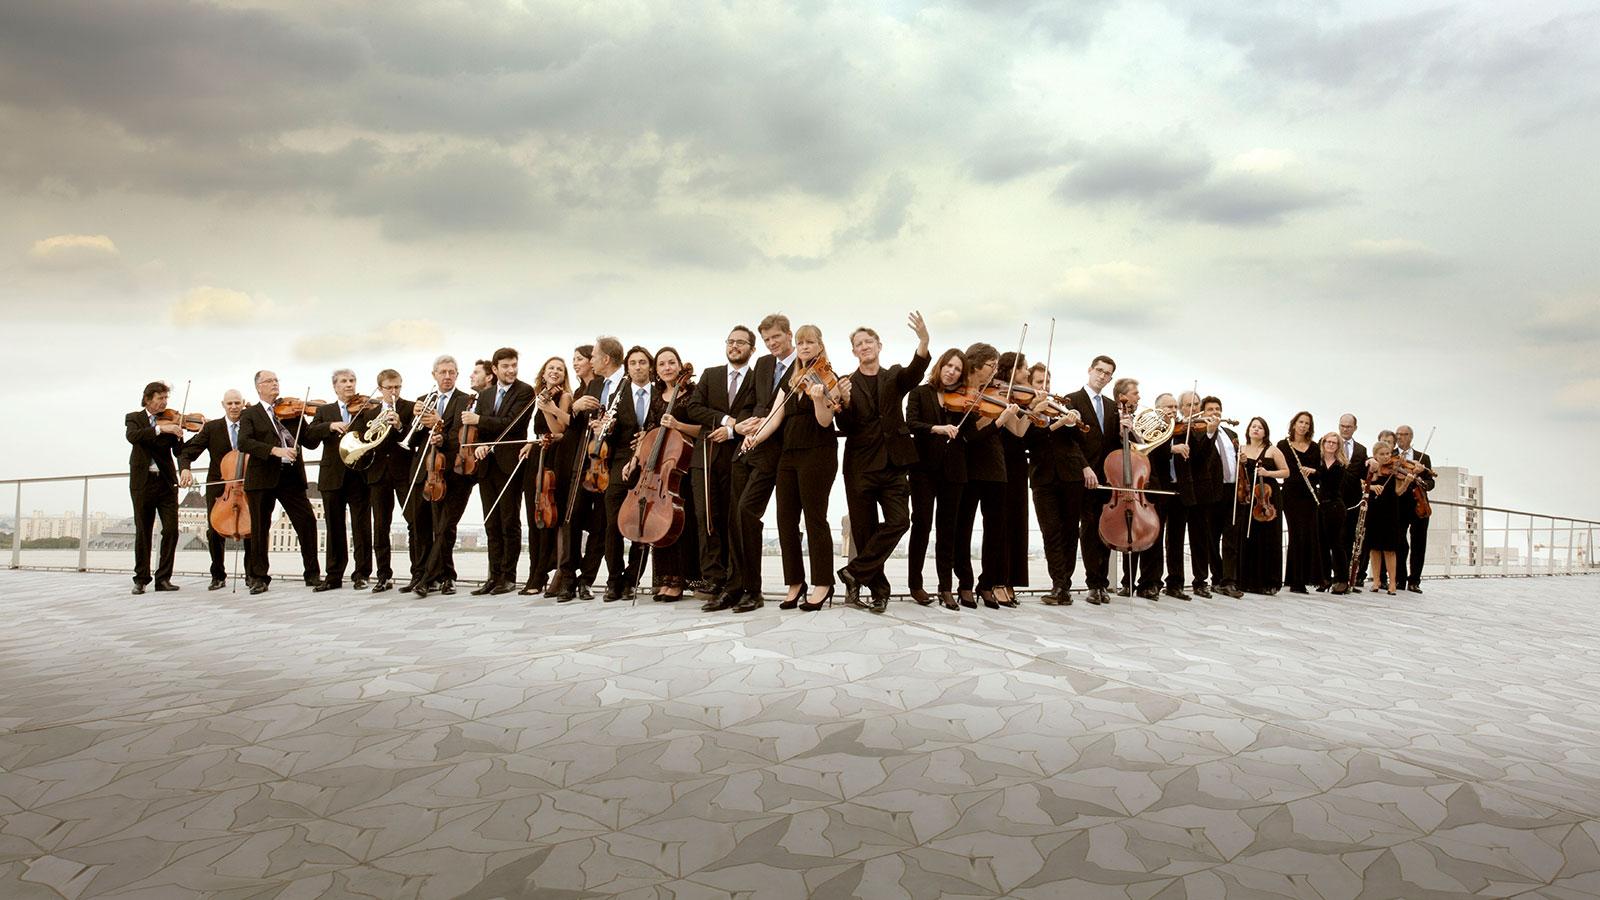 Orchestre de chambre de paris th atre du ch telet - Orchestre de chambre de paris ...